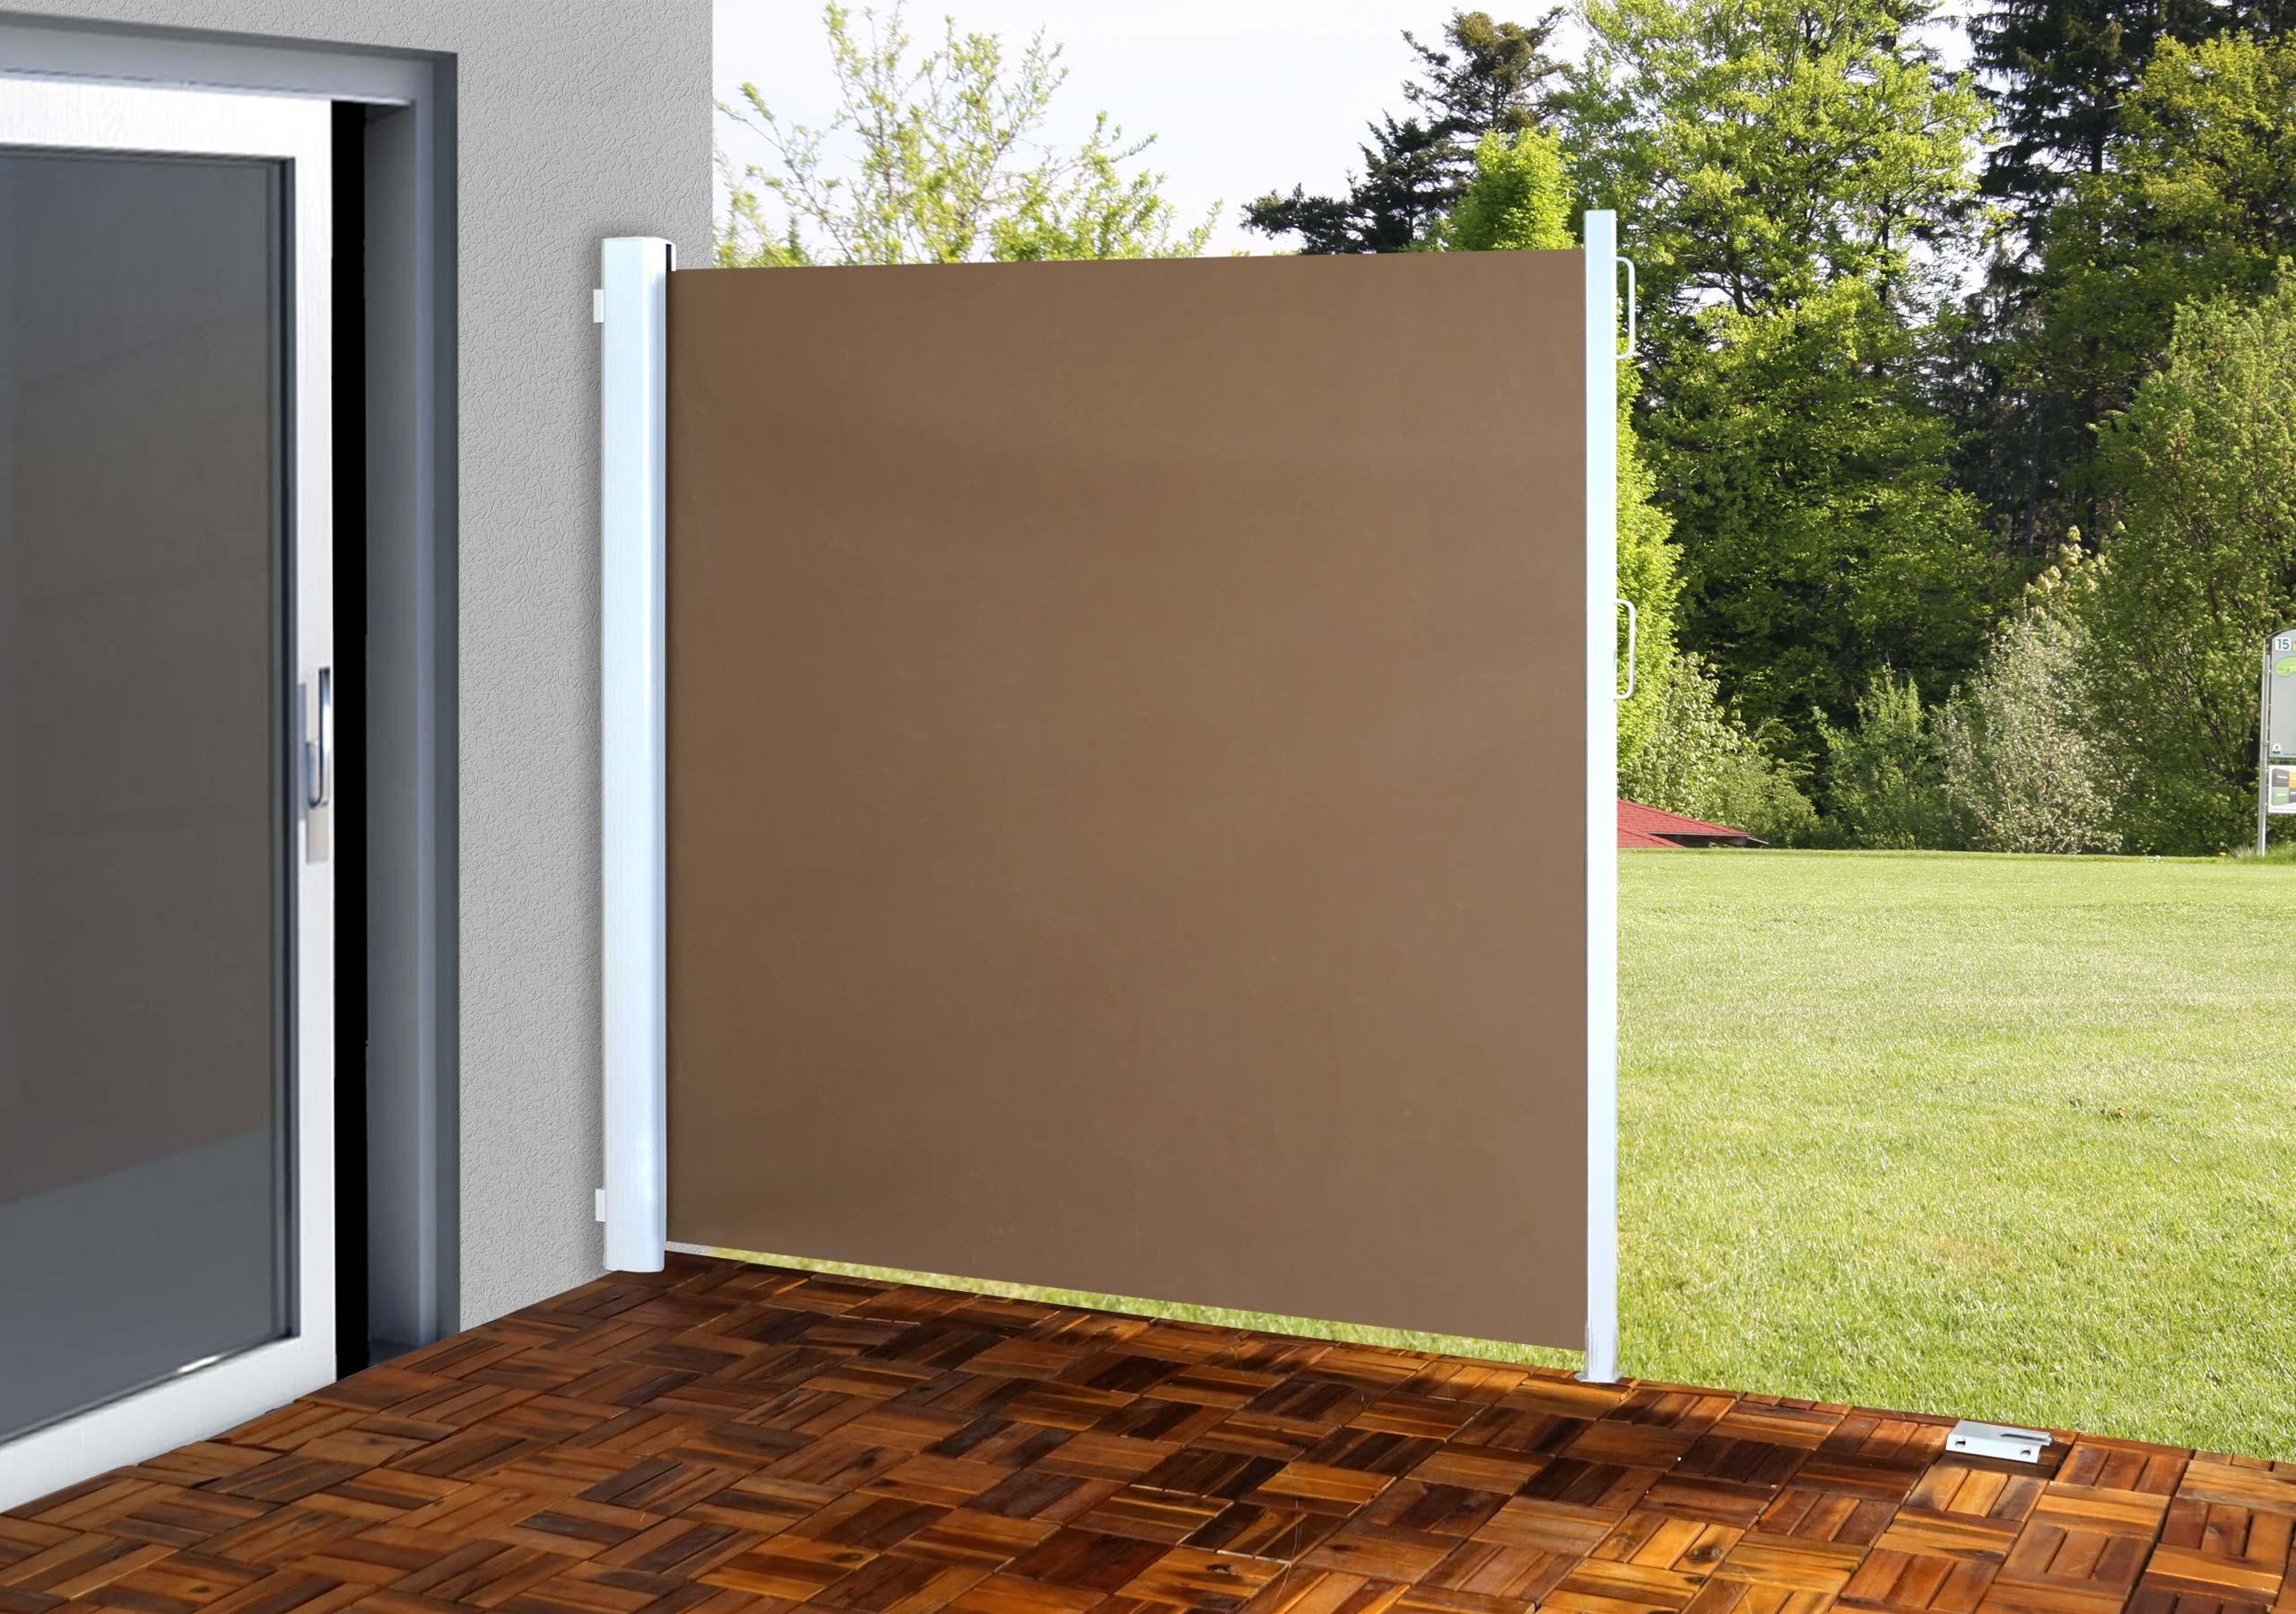 seitenmarkise t140 sichtschutz sonnenschutz windschutz alu 1 8x3m hellbraun. Black Bedroom Furniture Sets. Home Design Ideas